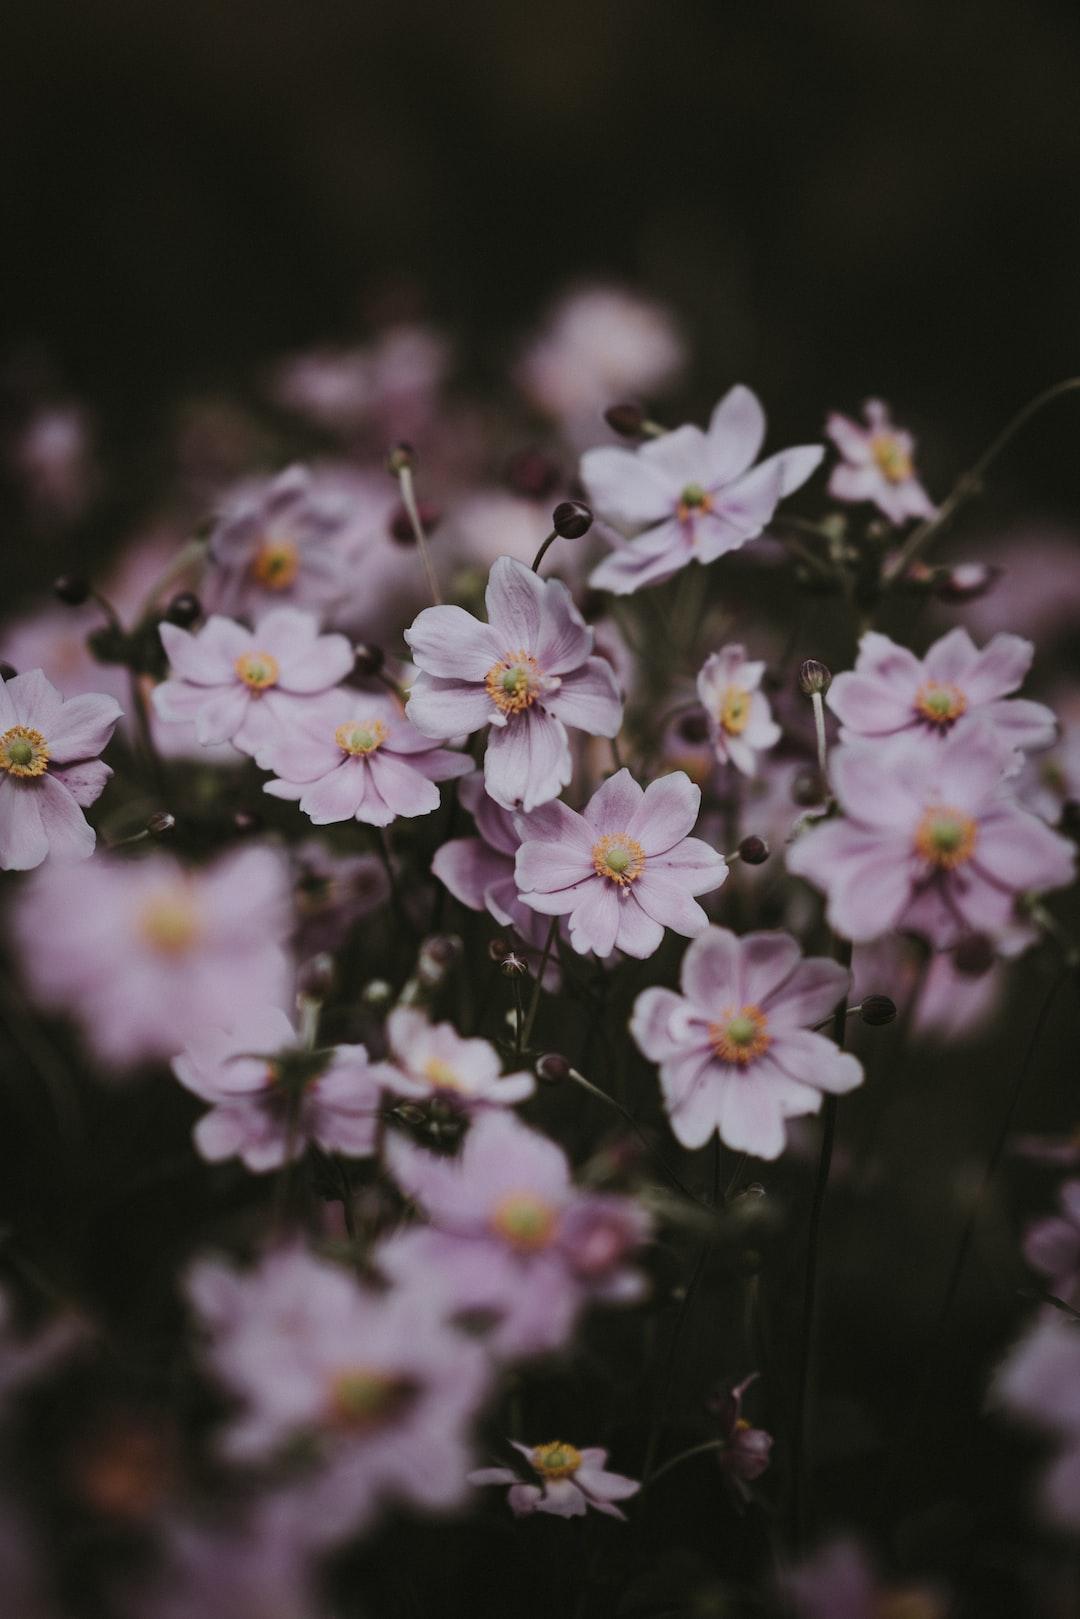 3930. Virágok